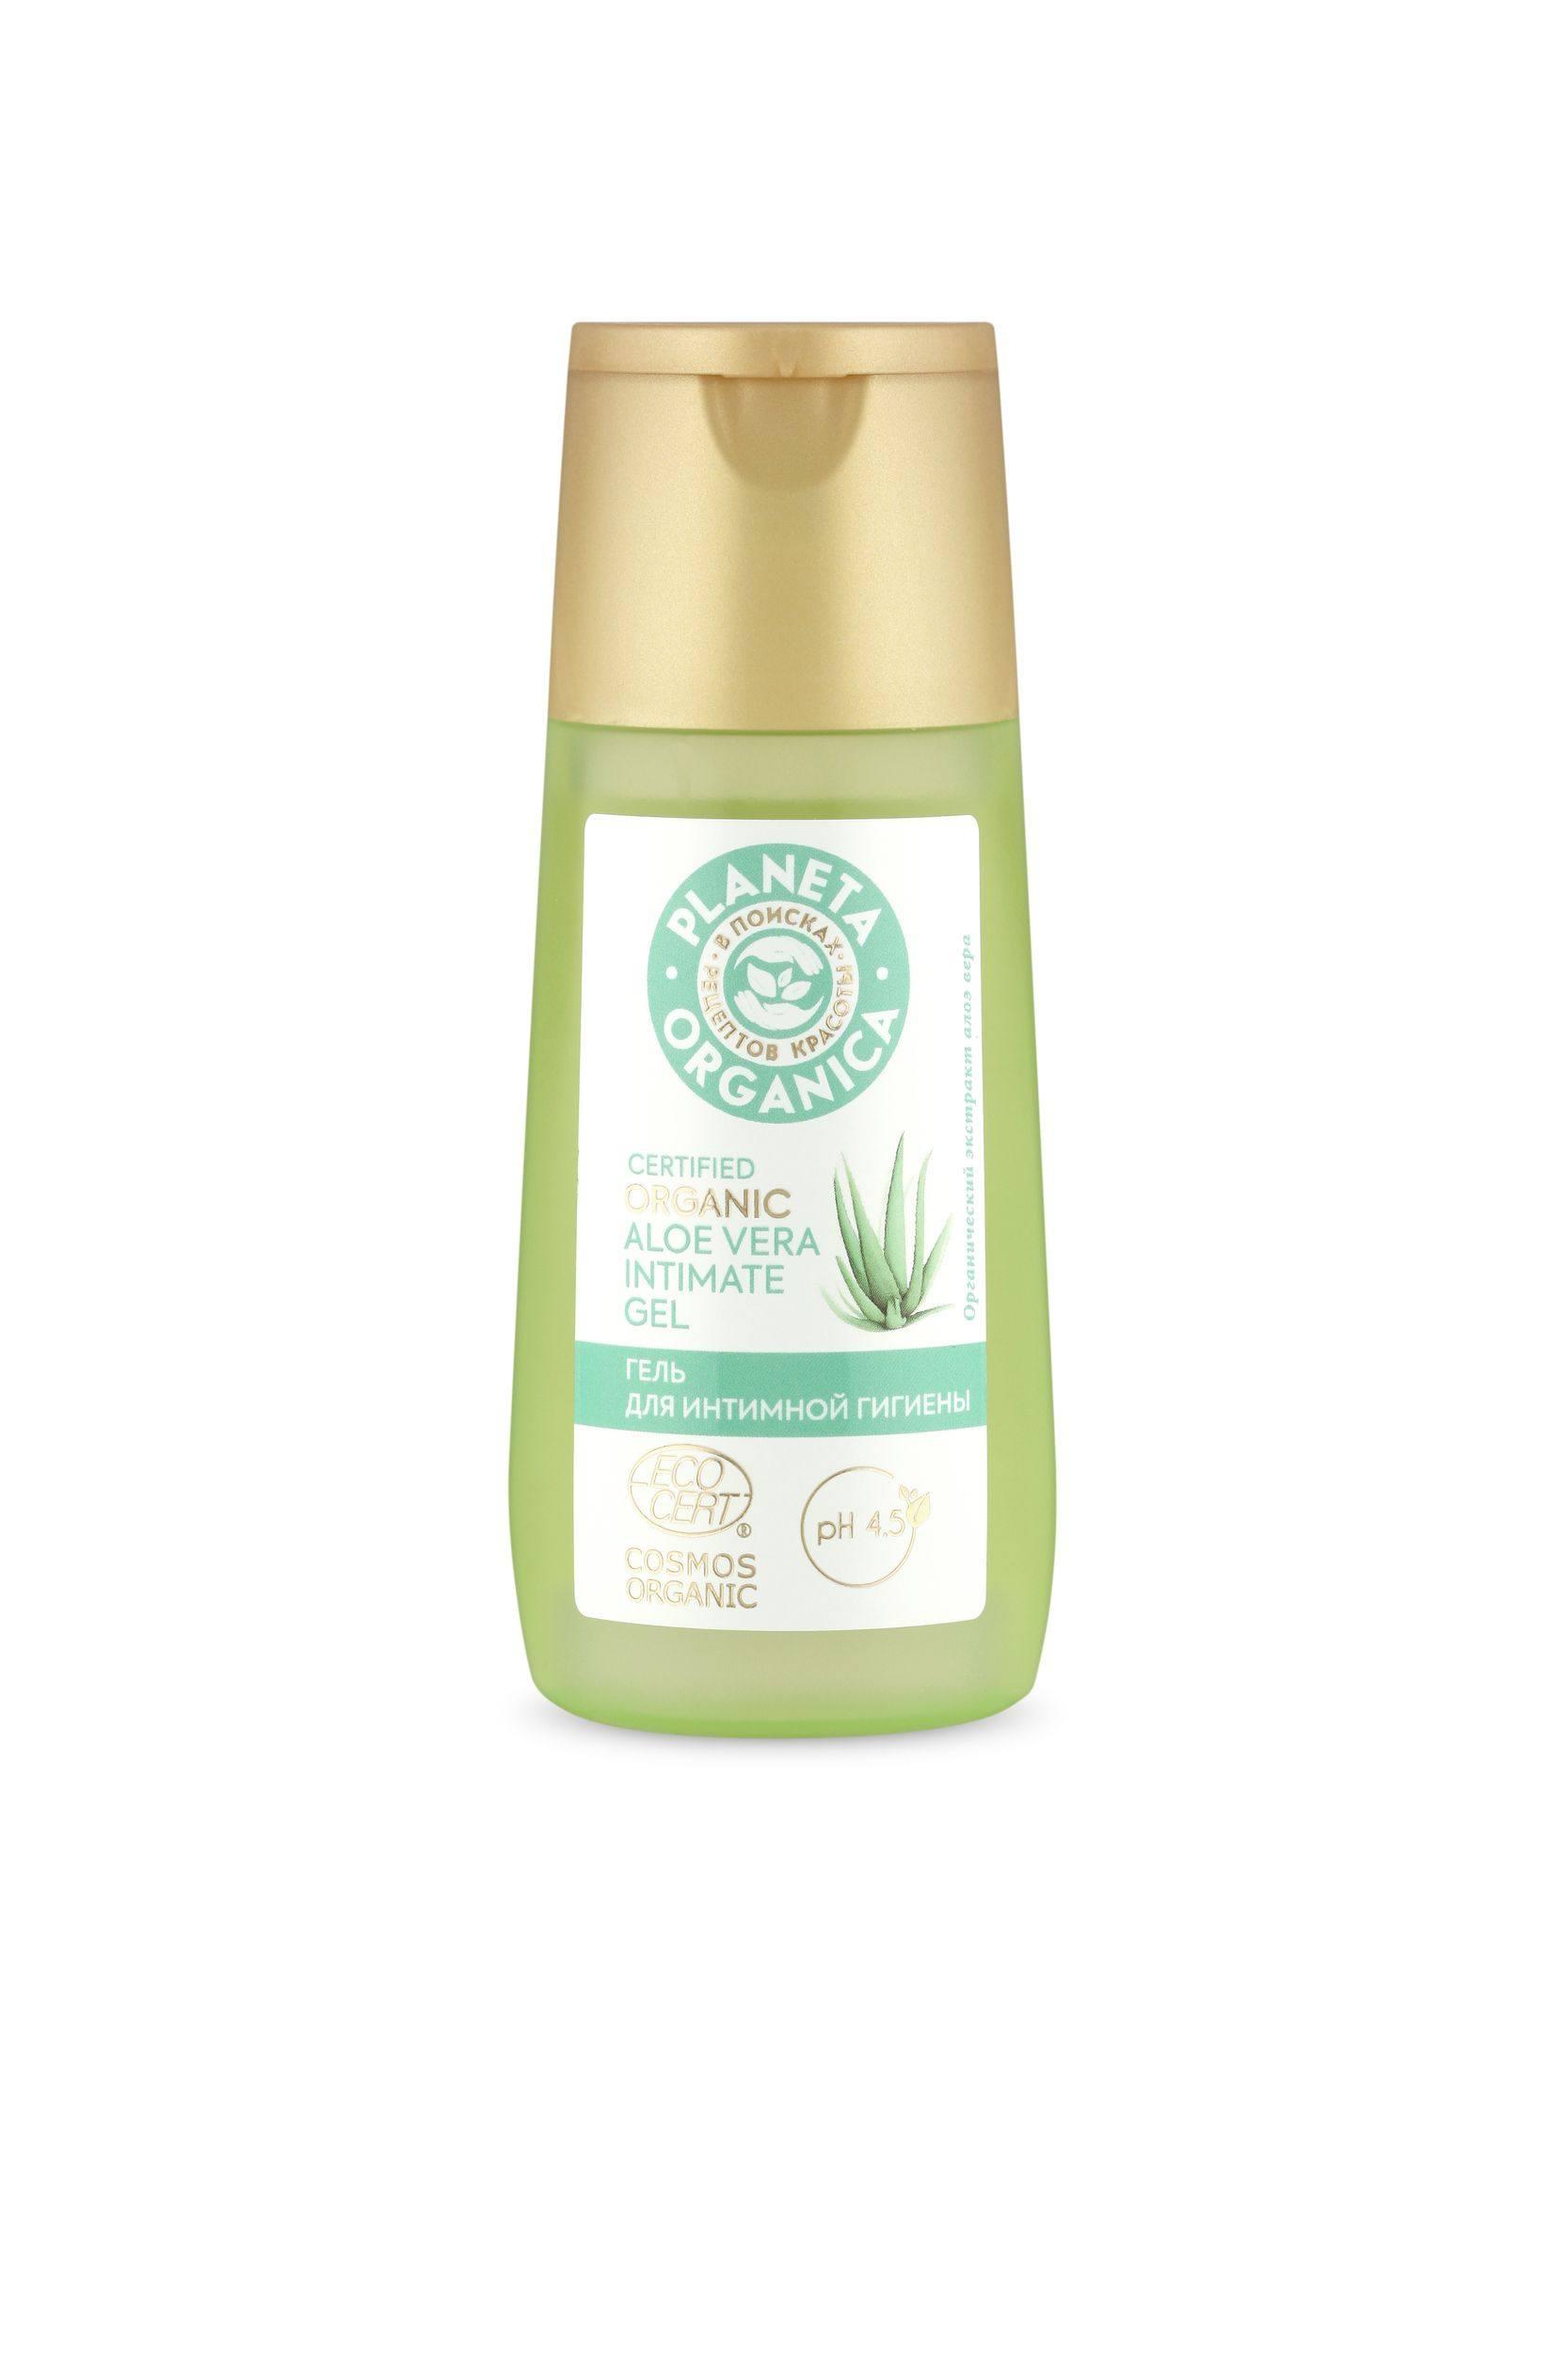 Купить Planeta Organica INTIMATE CARE Сертифицированный гель для интимной гигиены., 150 мл (shop: Organic-shops Organic shops)